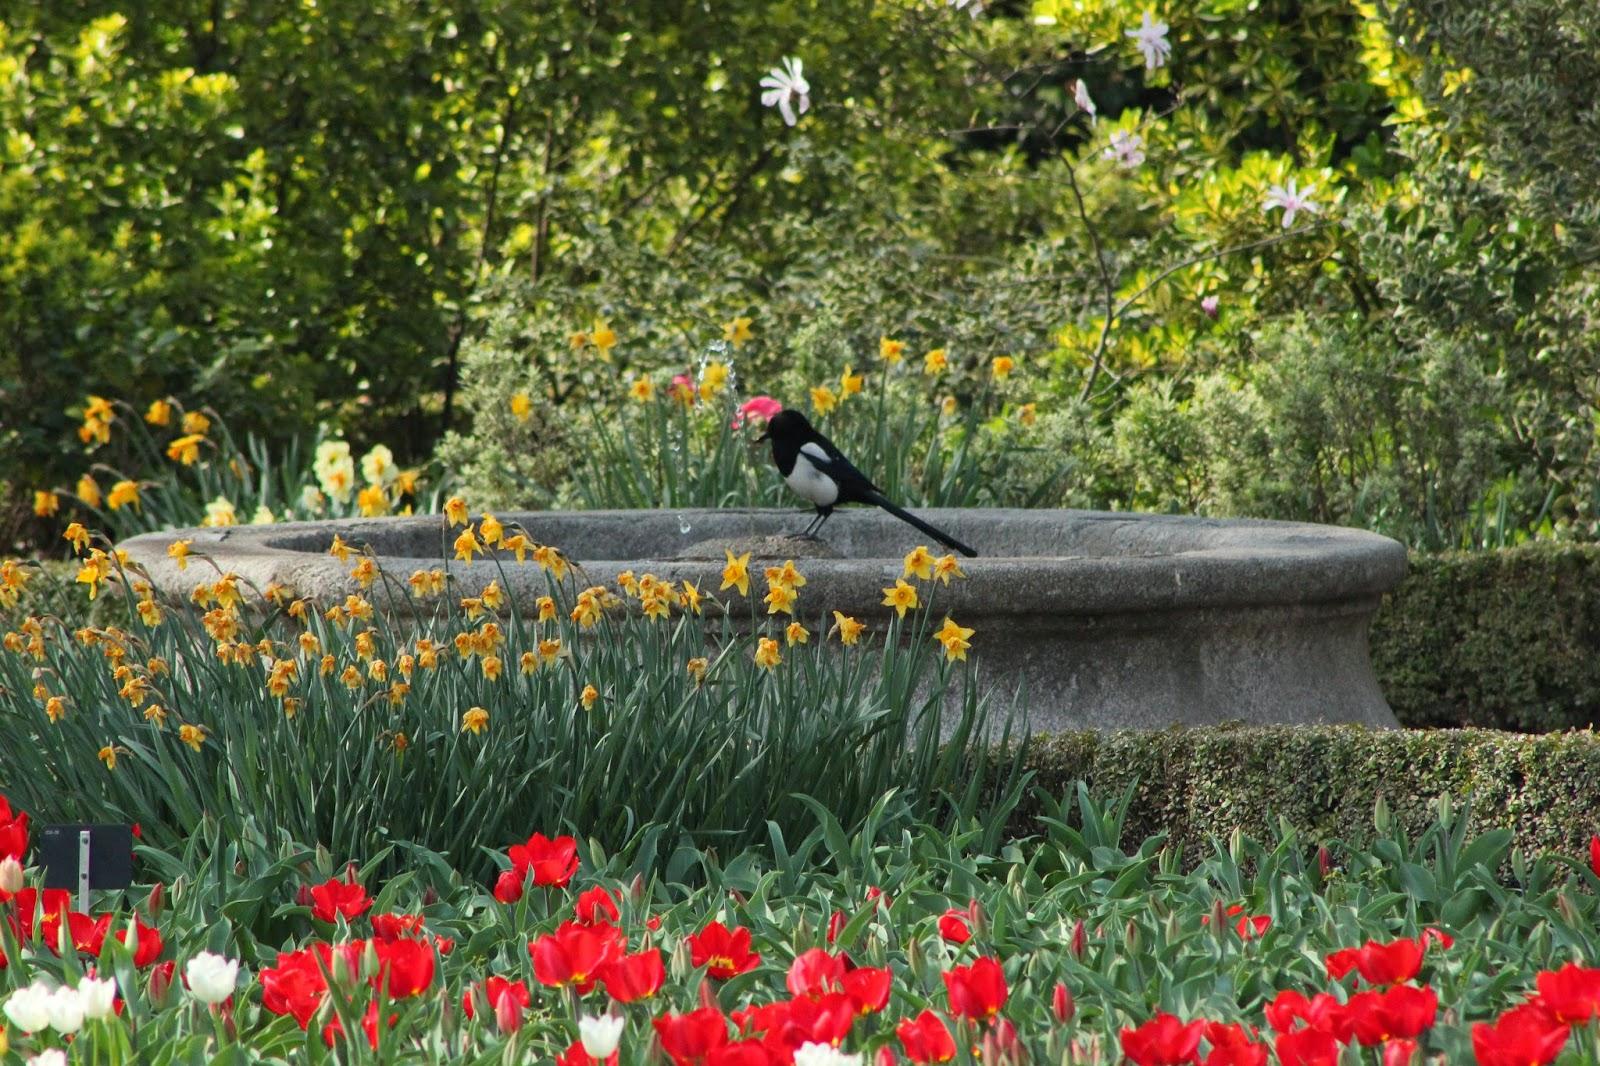 Arte y jardiner a flores en abundancia - Jardines bonitos y sencillos ...